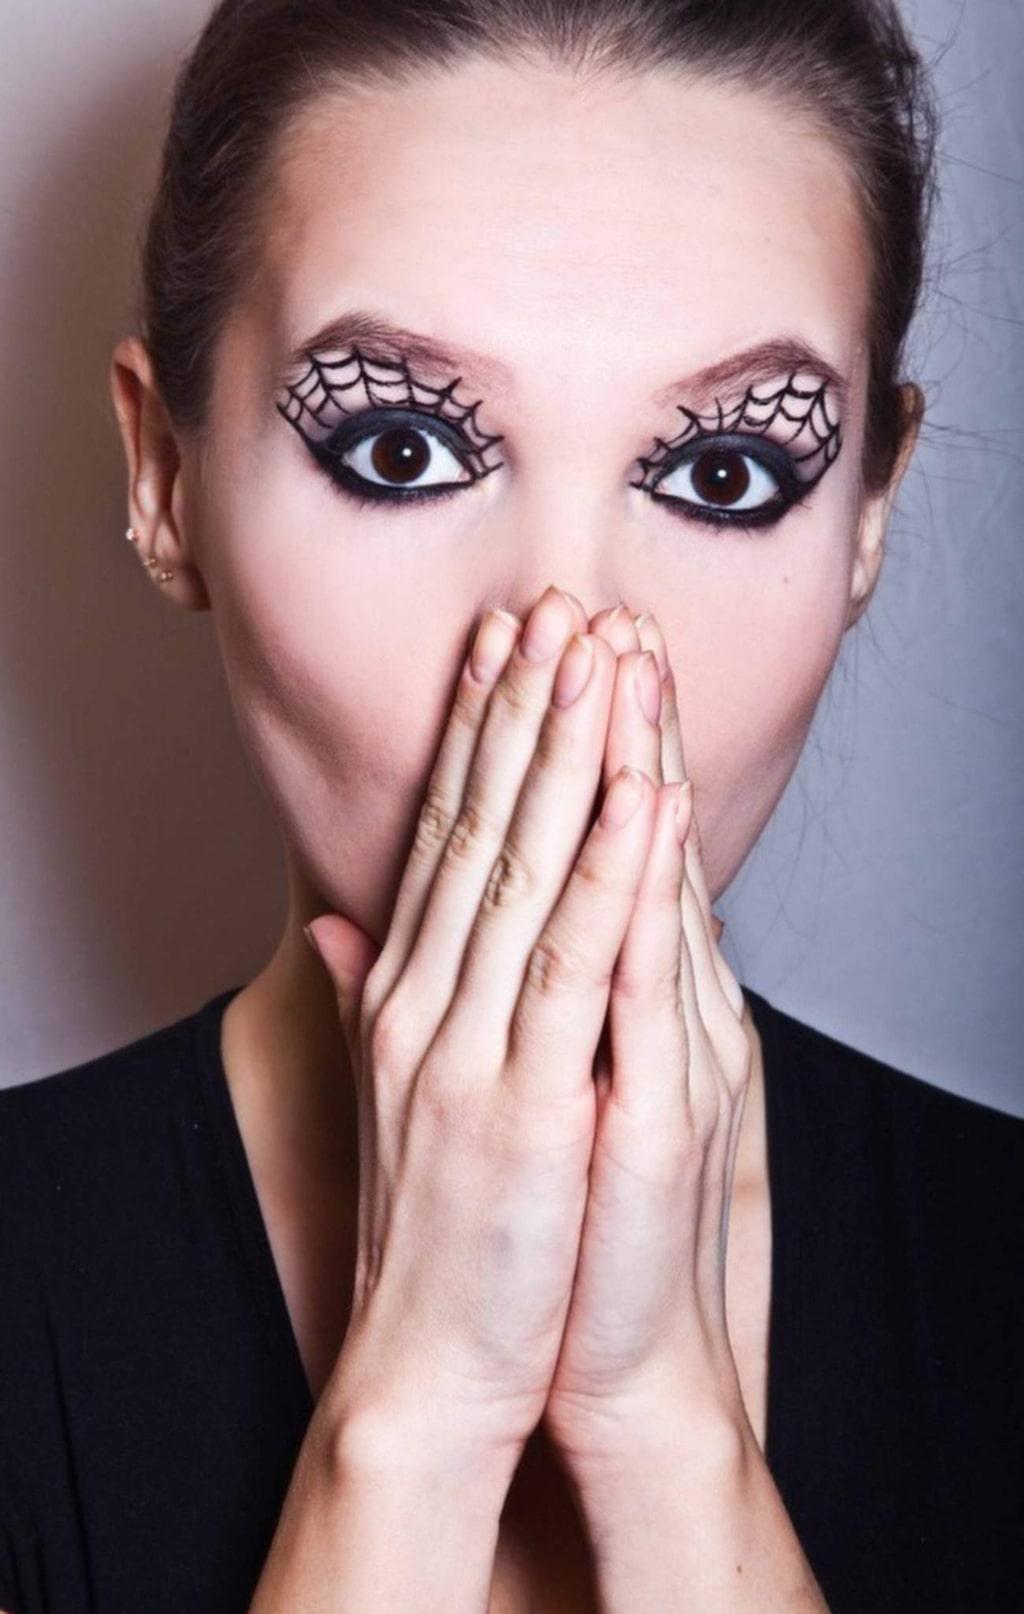 """<p><strong>SVARTA ÄNKAN</strong><br>Spinelnät runt ögonen är såväl enkelt som snyggt. Börja med sotningen runt ögonen och arbeta uppåt. <br>Bild: <a href=""""http://www.beautylish.com/f/amqzai/olgablik"""">OlgaBlik</a></p>"""